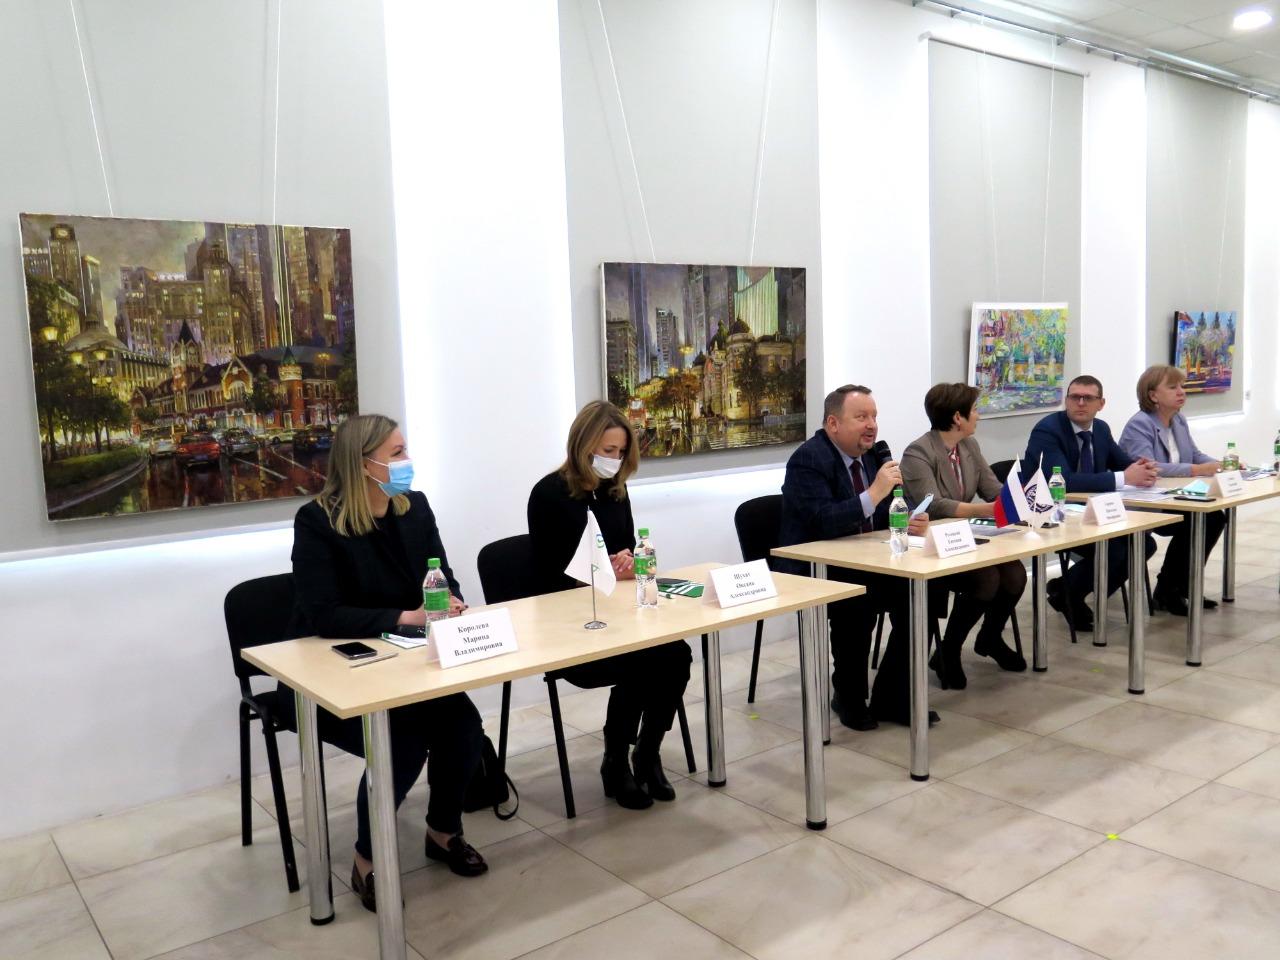 Управление Росреестра по Приморскому краю и ПАО «Сбербанк» организовали практический семинар для представителей бизнеса.